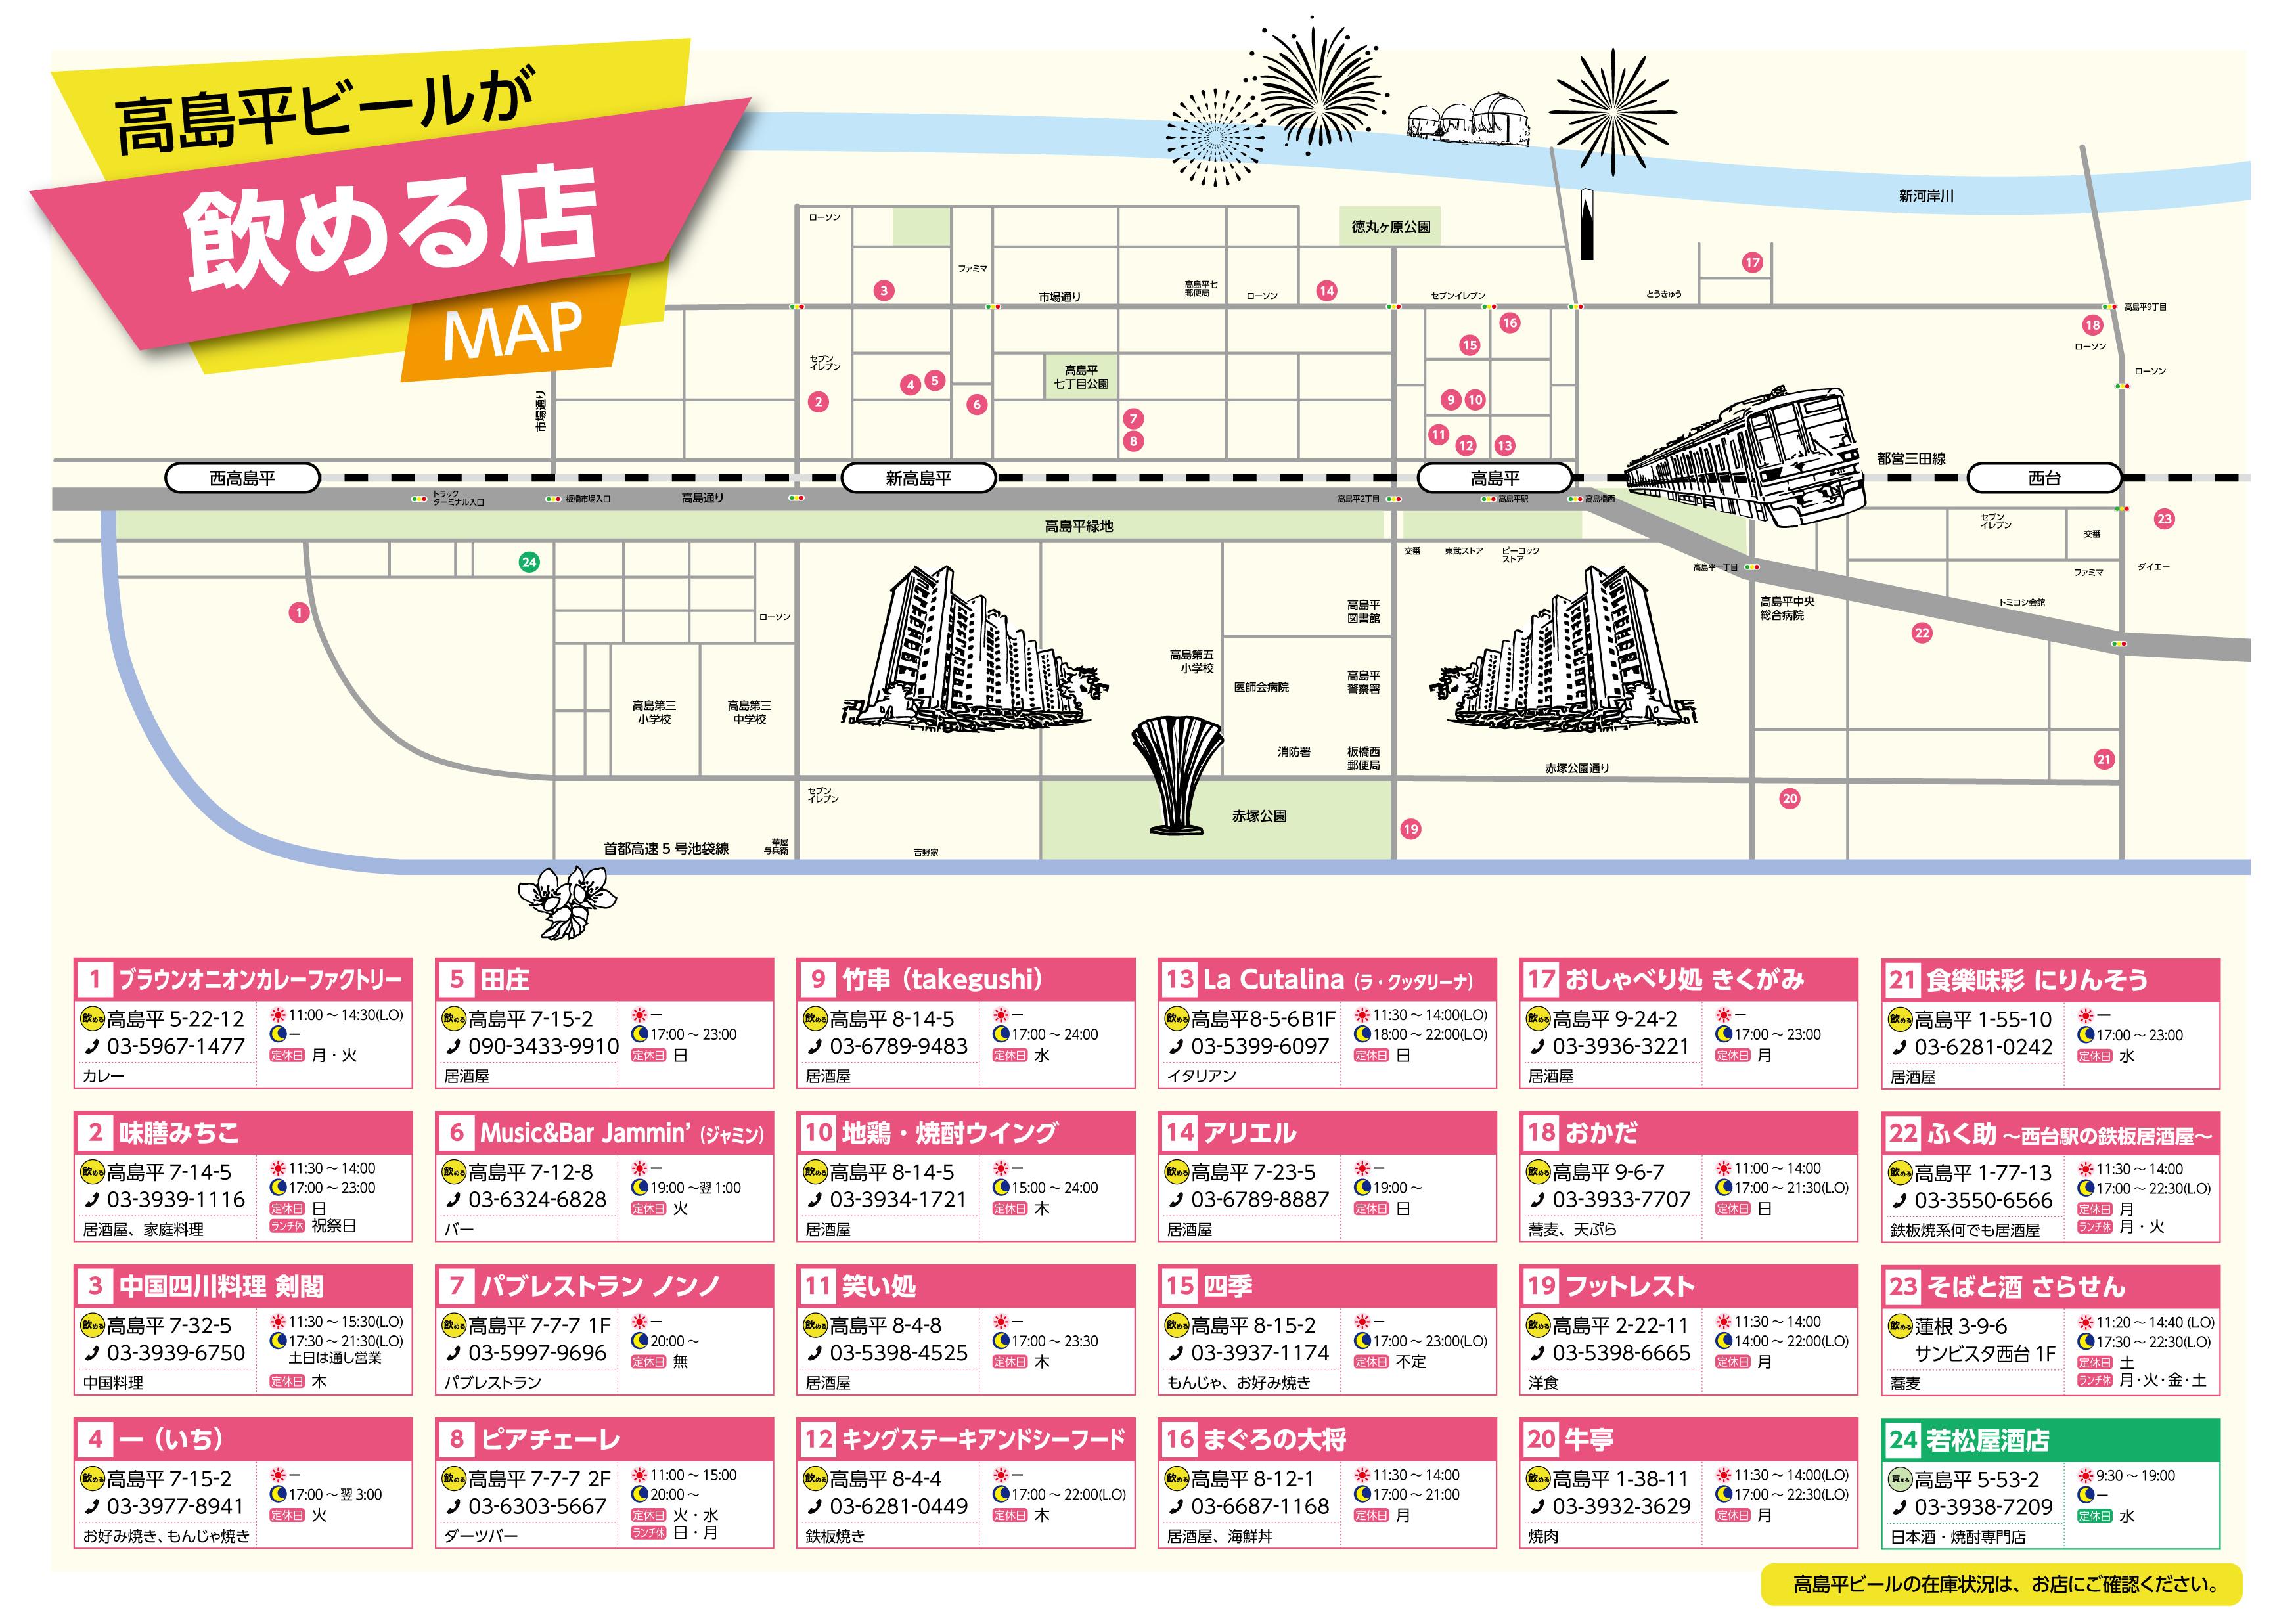 高島平ビール飲める店マップ